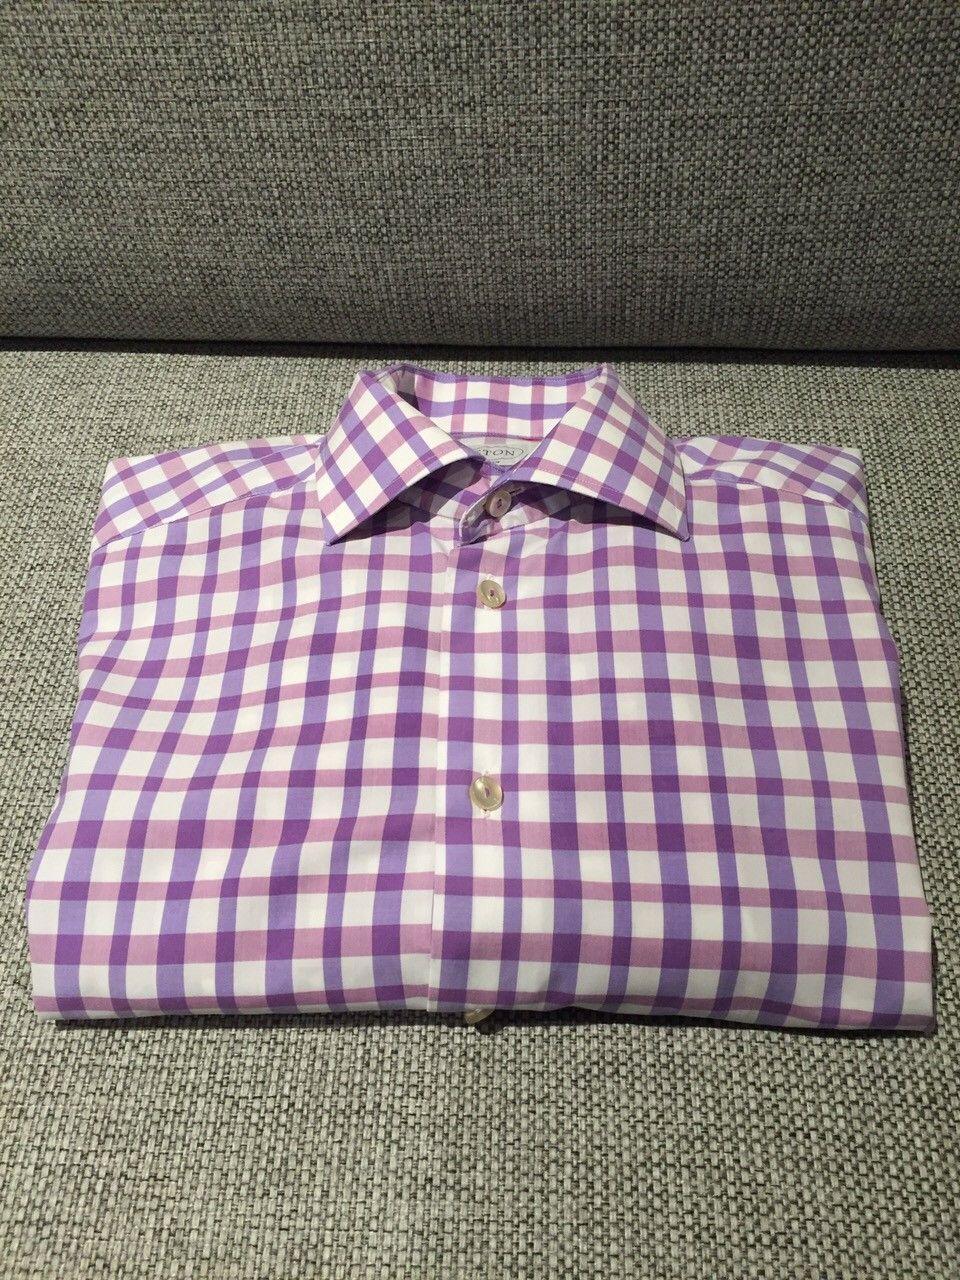 Flott Eton skjorte selges!  57524b5e89d76